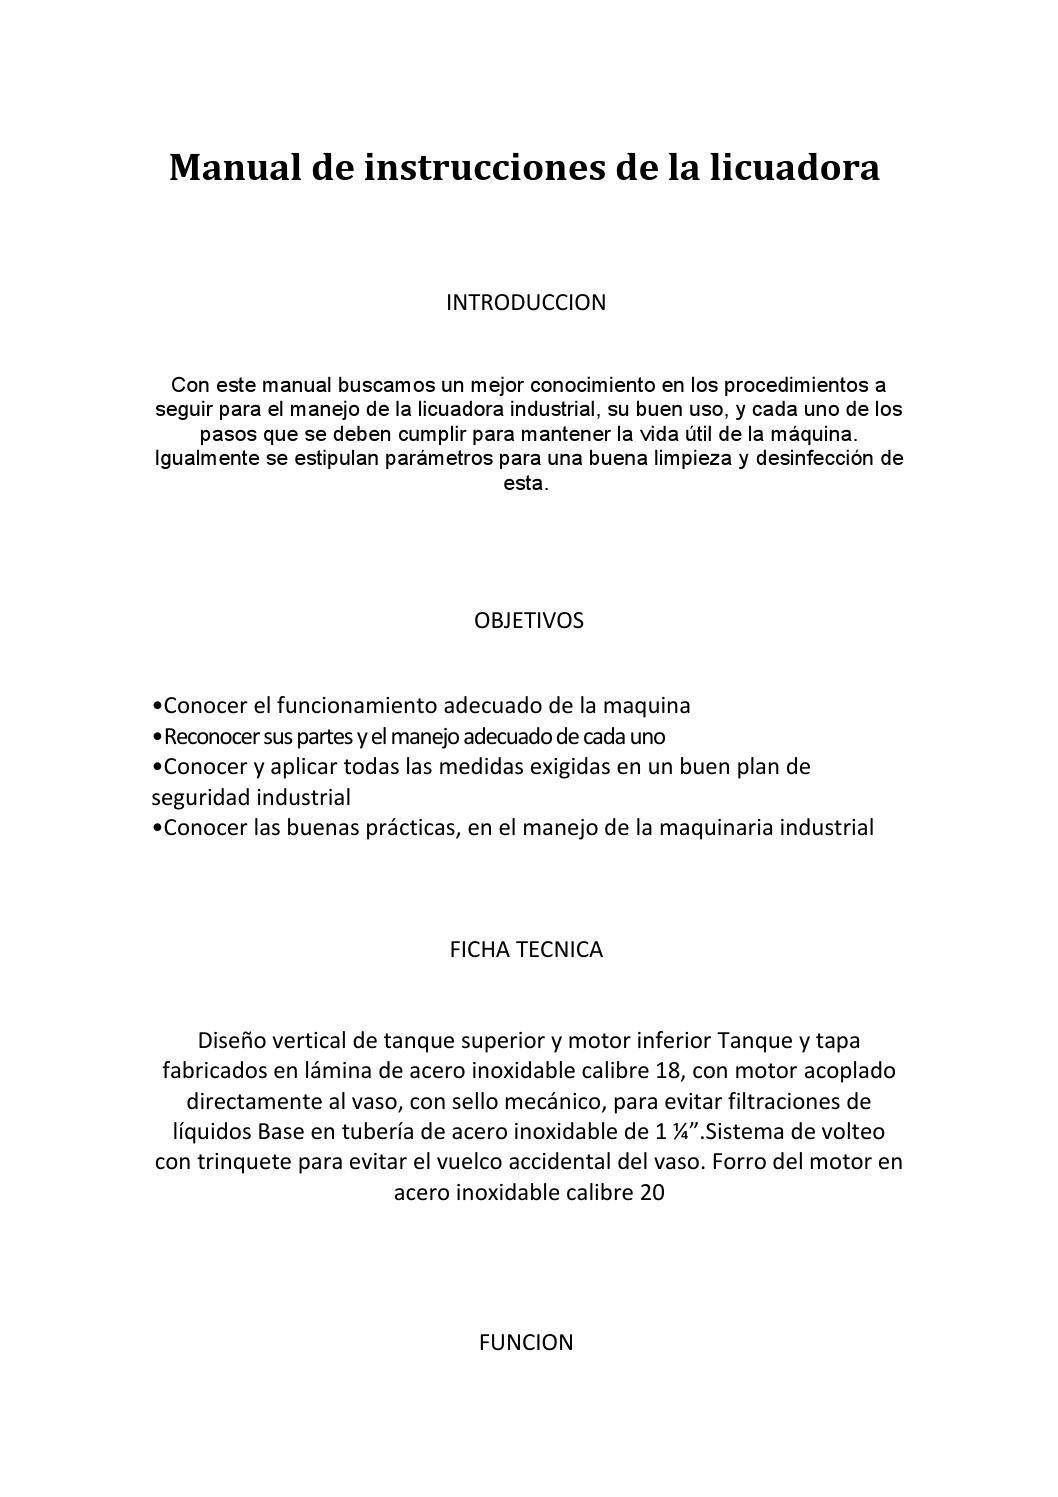 Bdc204-la manual de instrucciones de la